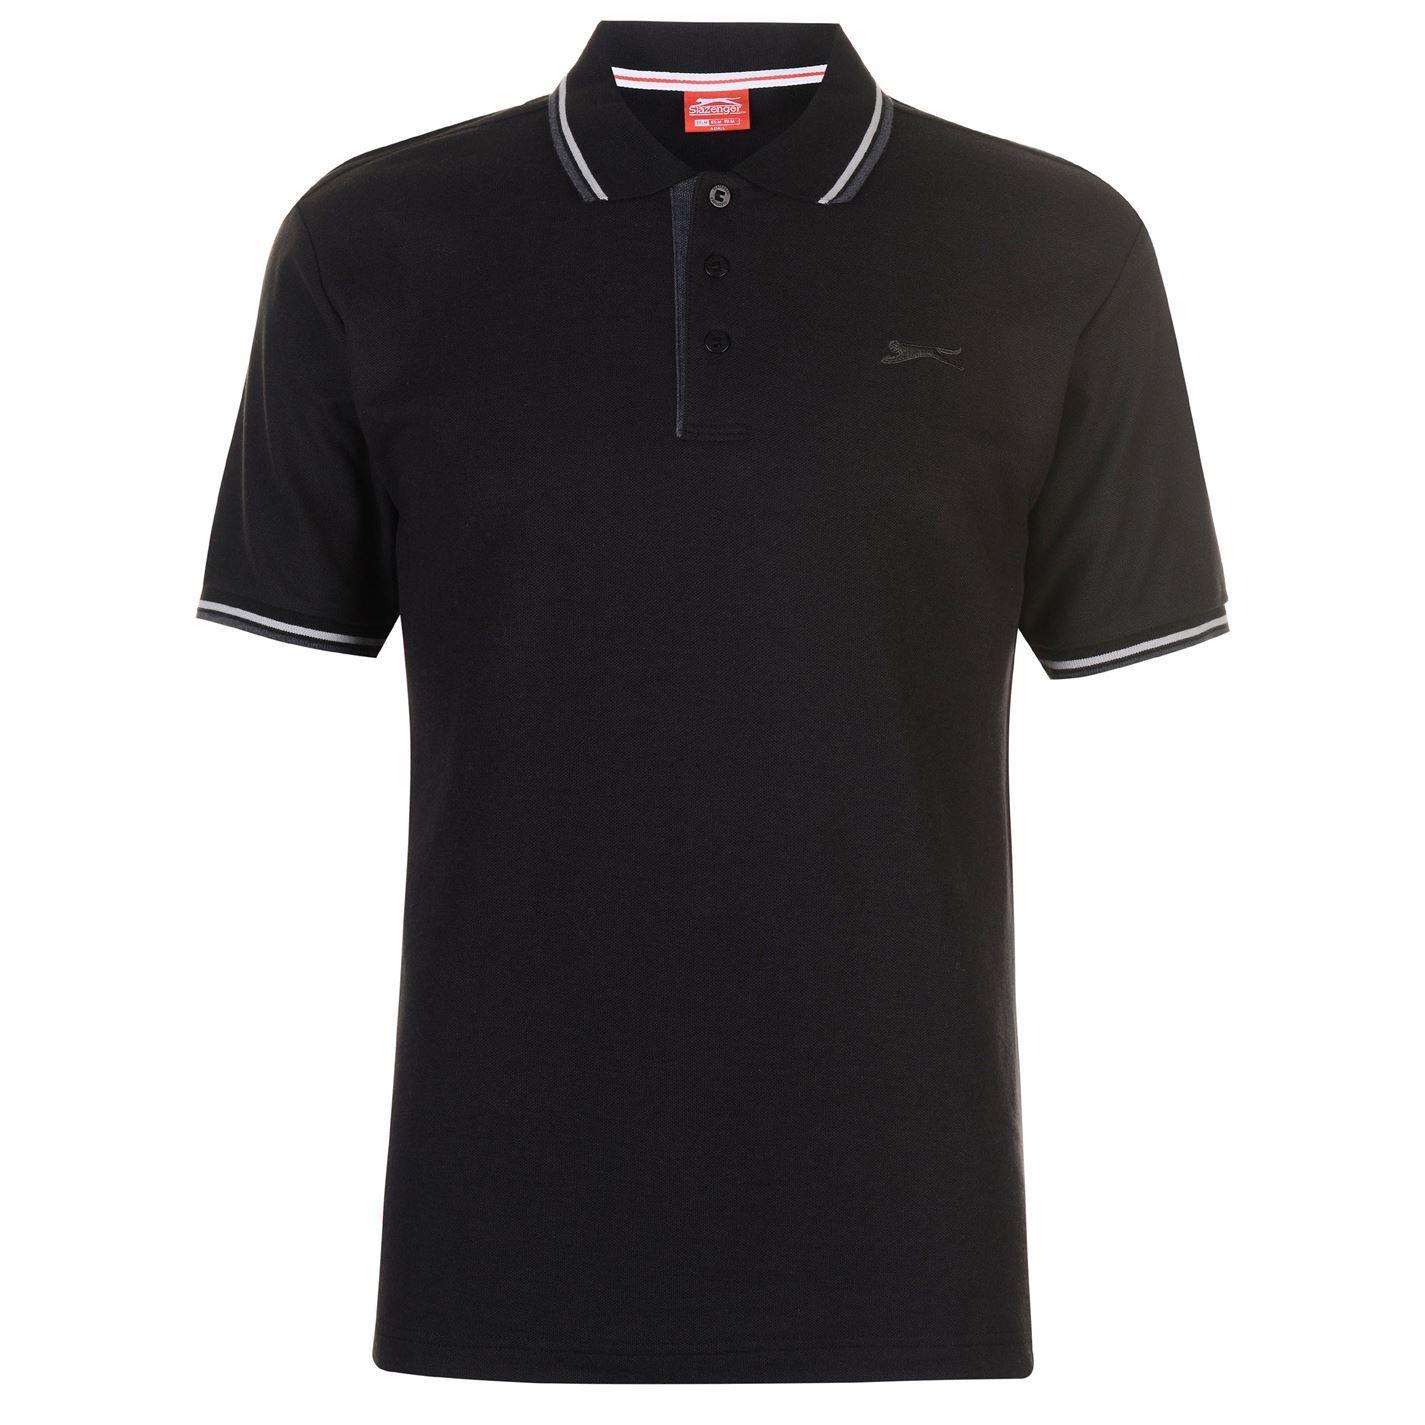 Slazenger-Polo-Camisa-de-hombre-con-cuello-con-Punta-T-Shirt-Top-Camiseta-Tee miniatura 5